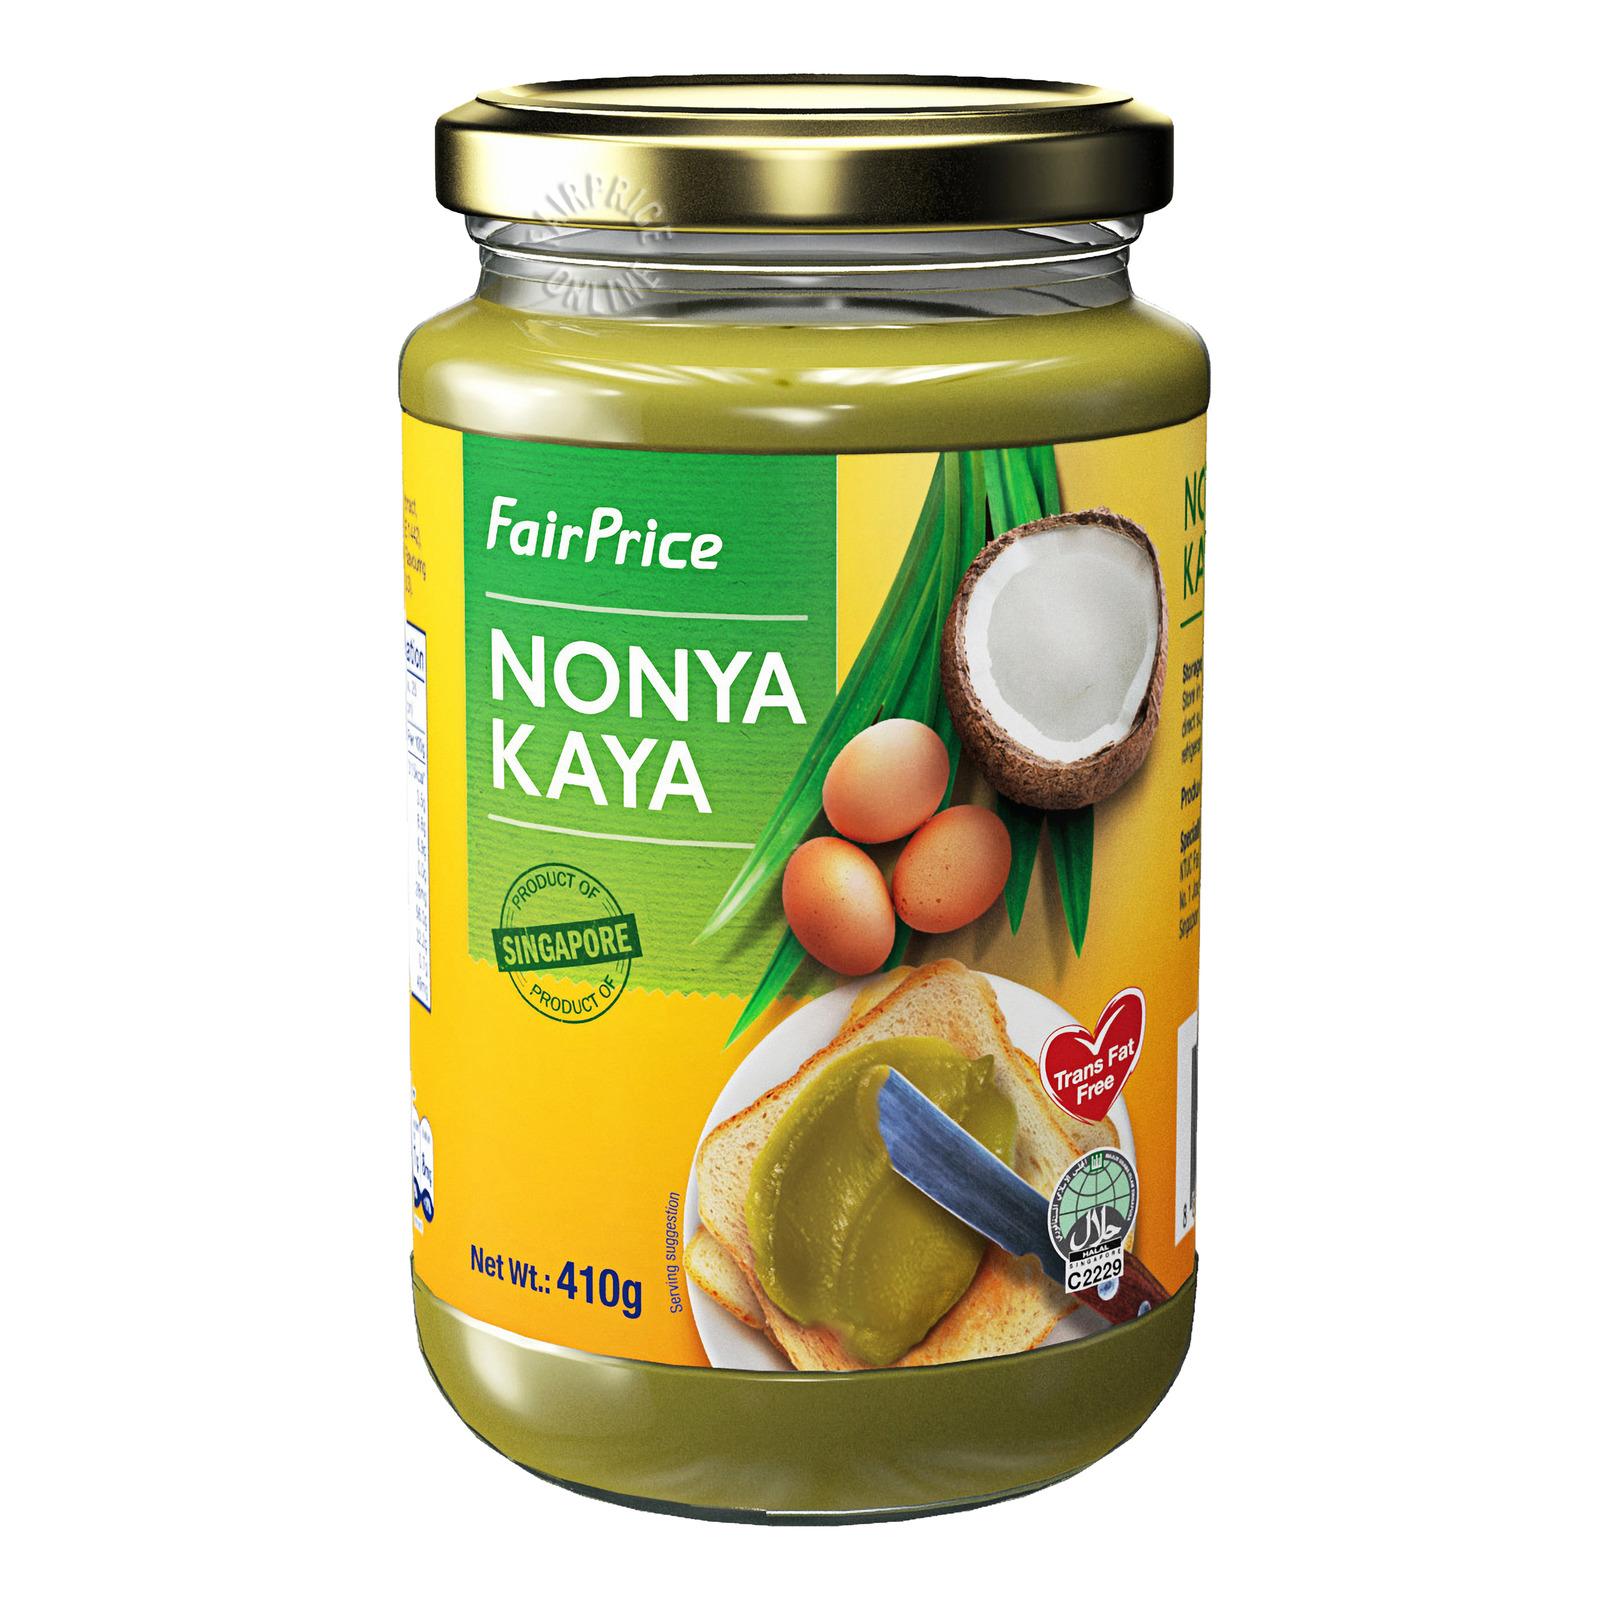 FairPrice Nonya Kaya